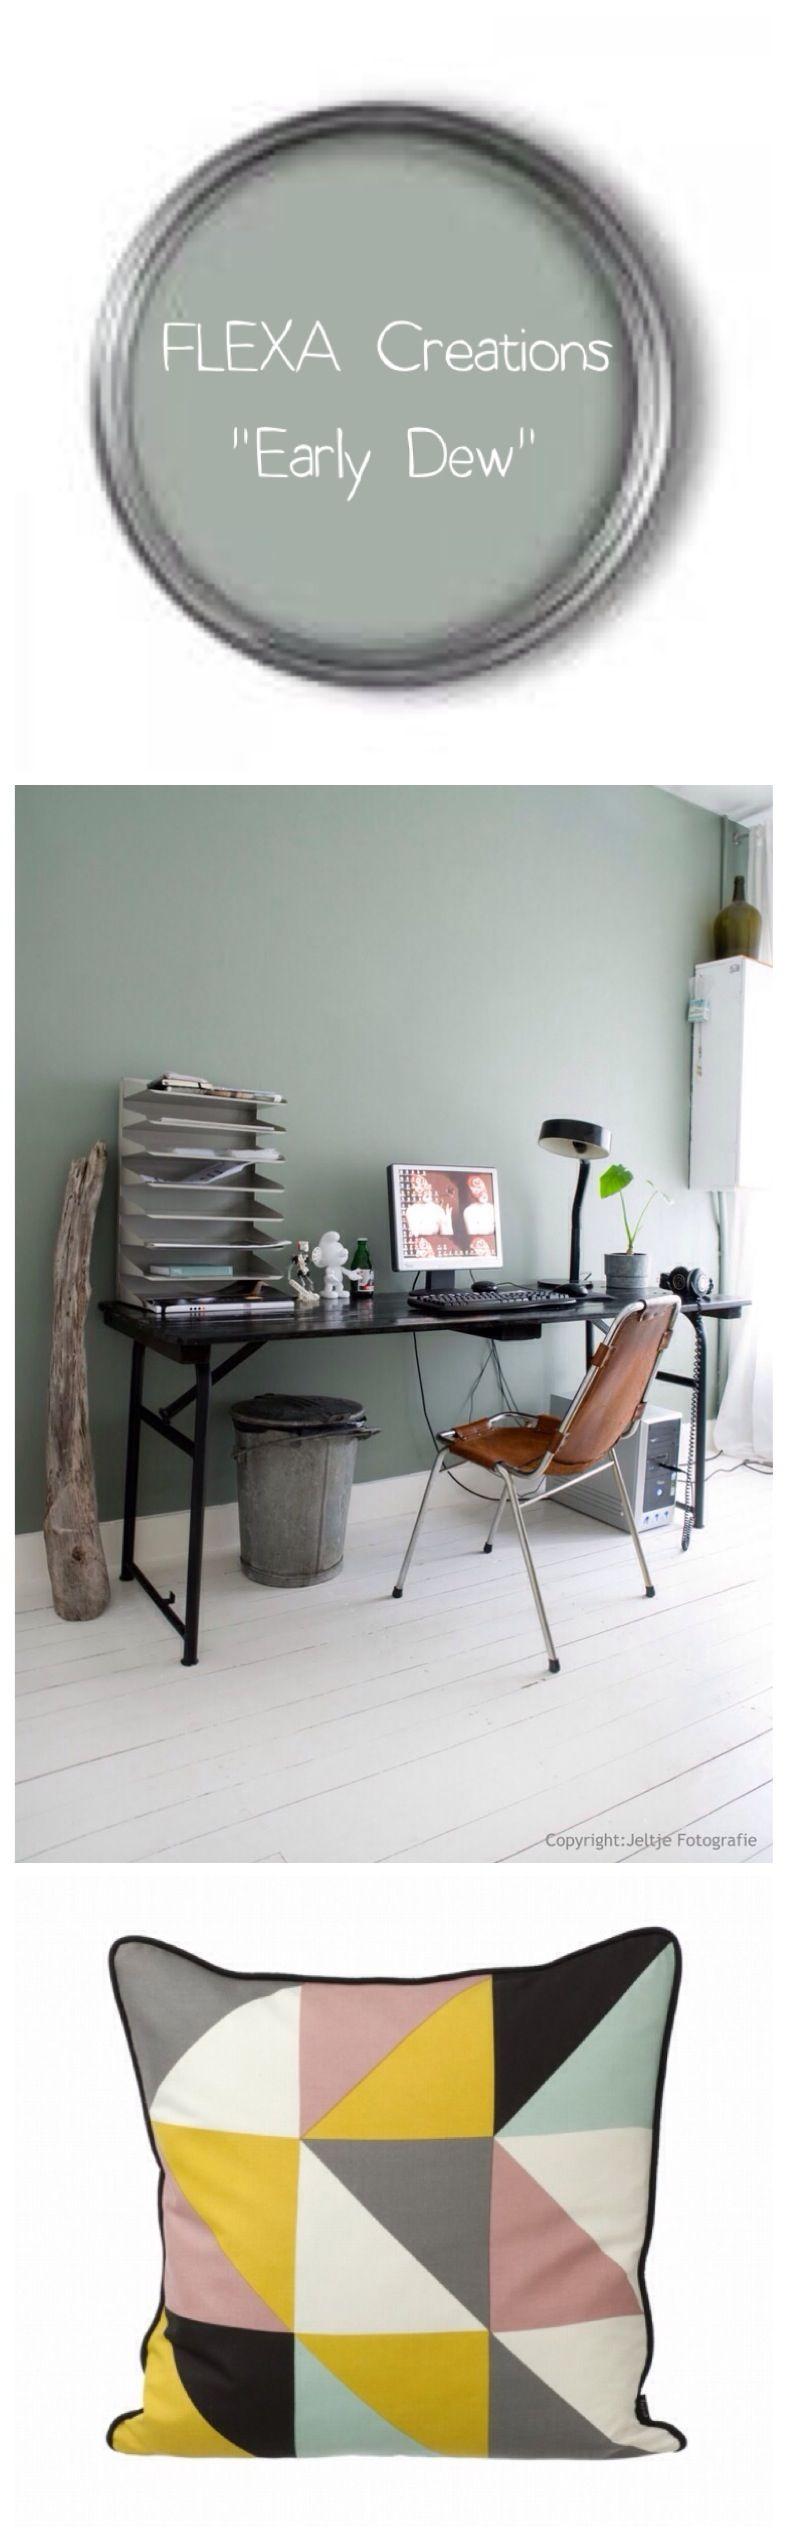 early dew flexa onze mooie muurverf mijn lievelingskleur kleurnummer 3031 flexa creations. Black Bedroom Furniture Sets. Home Design Ideas